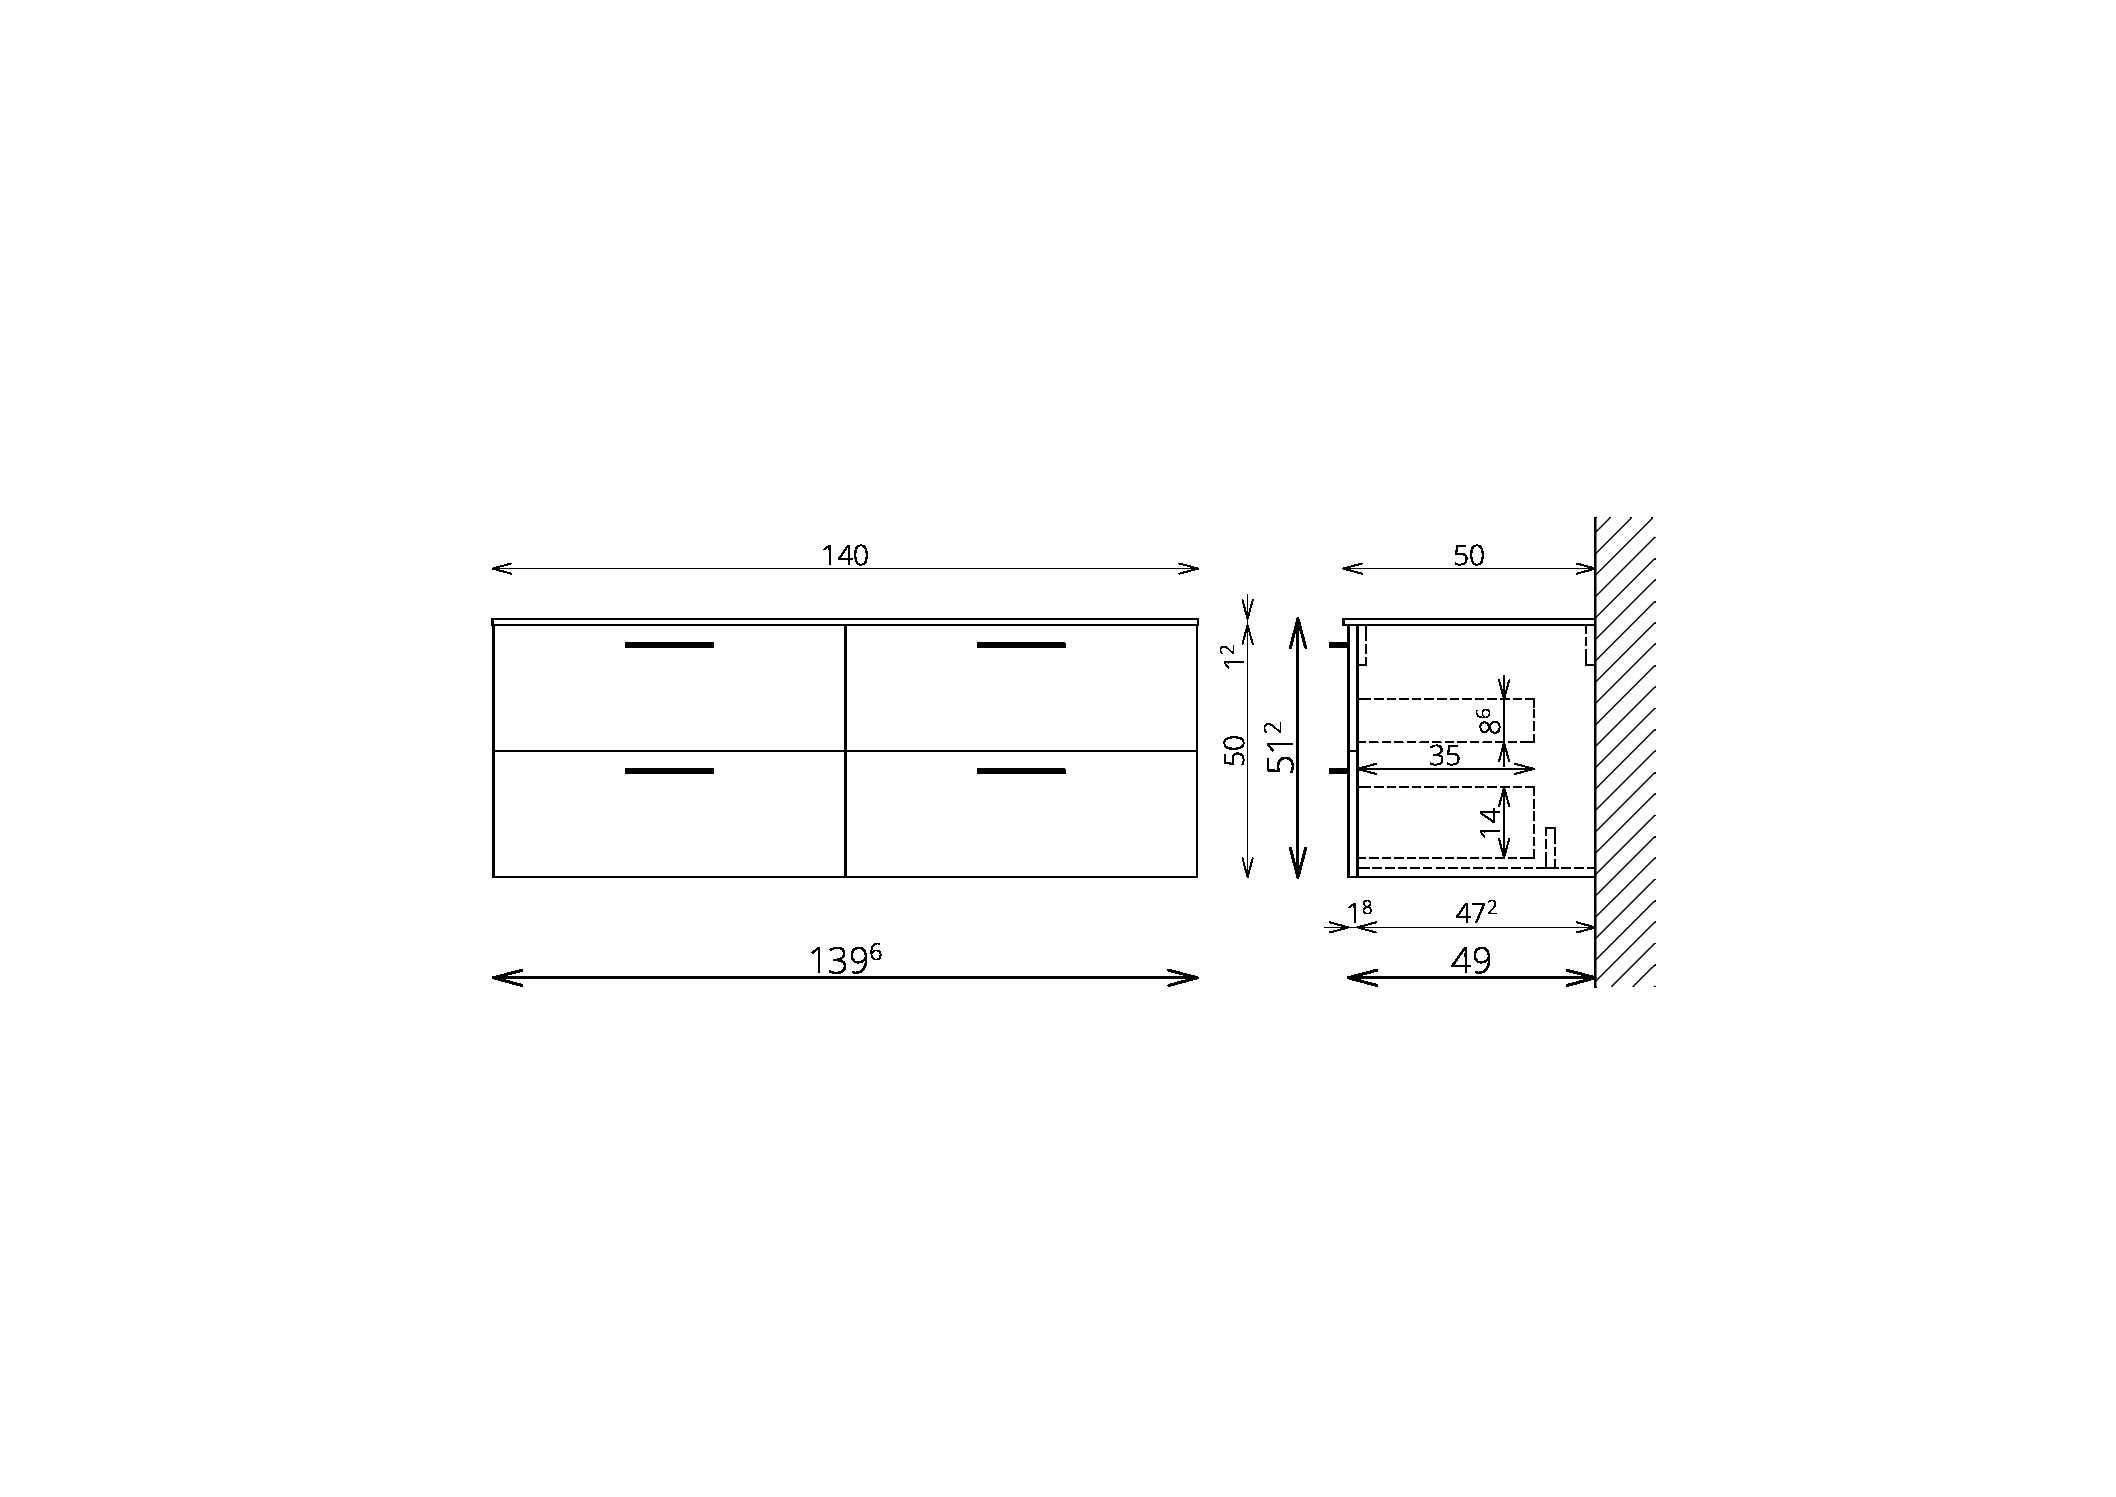 TBOSS-SHARP-GLASS-140-4F-2M2CS